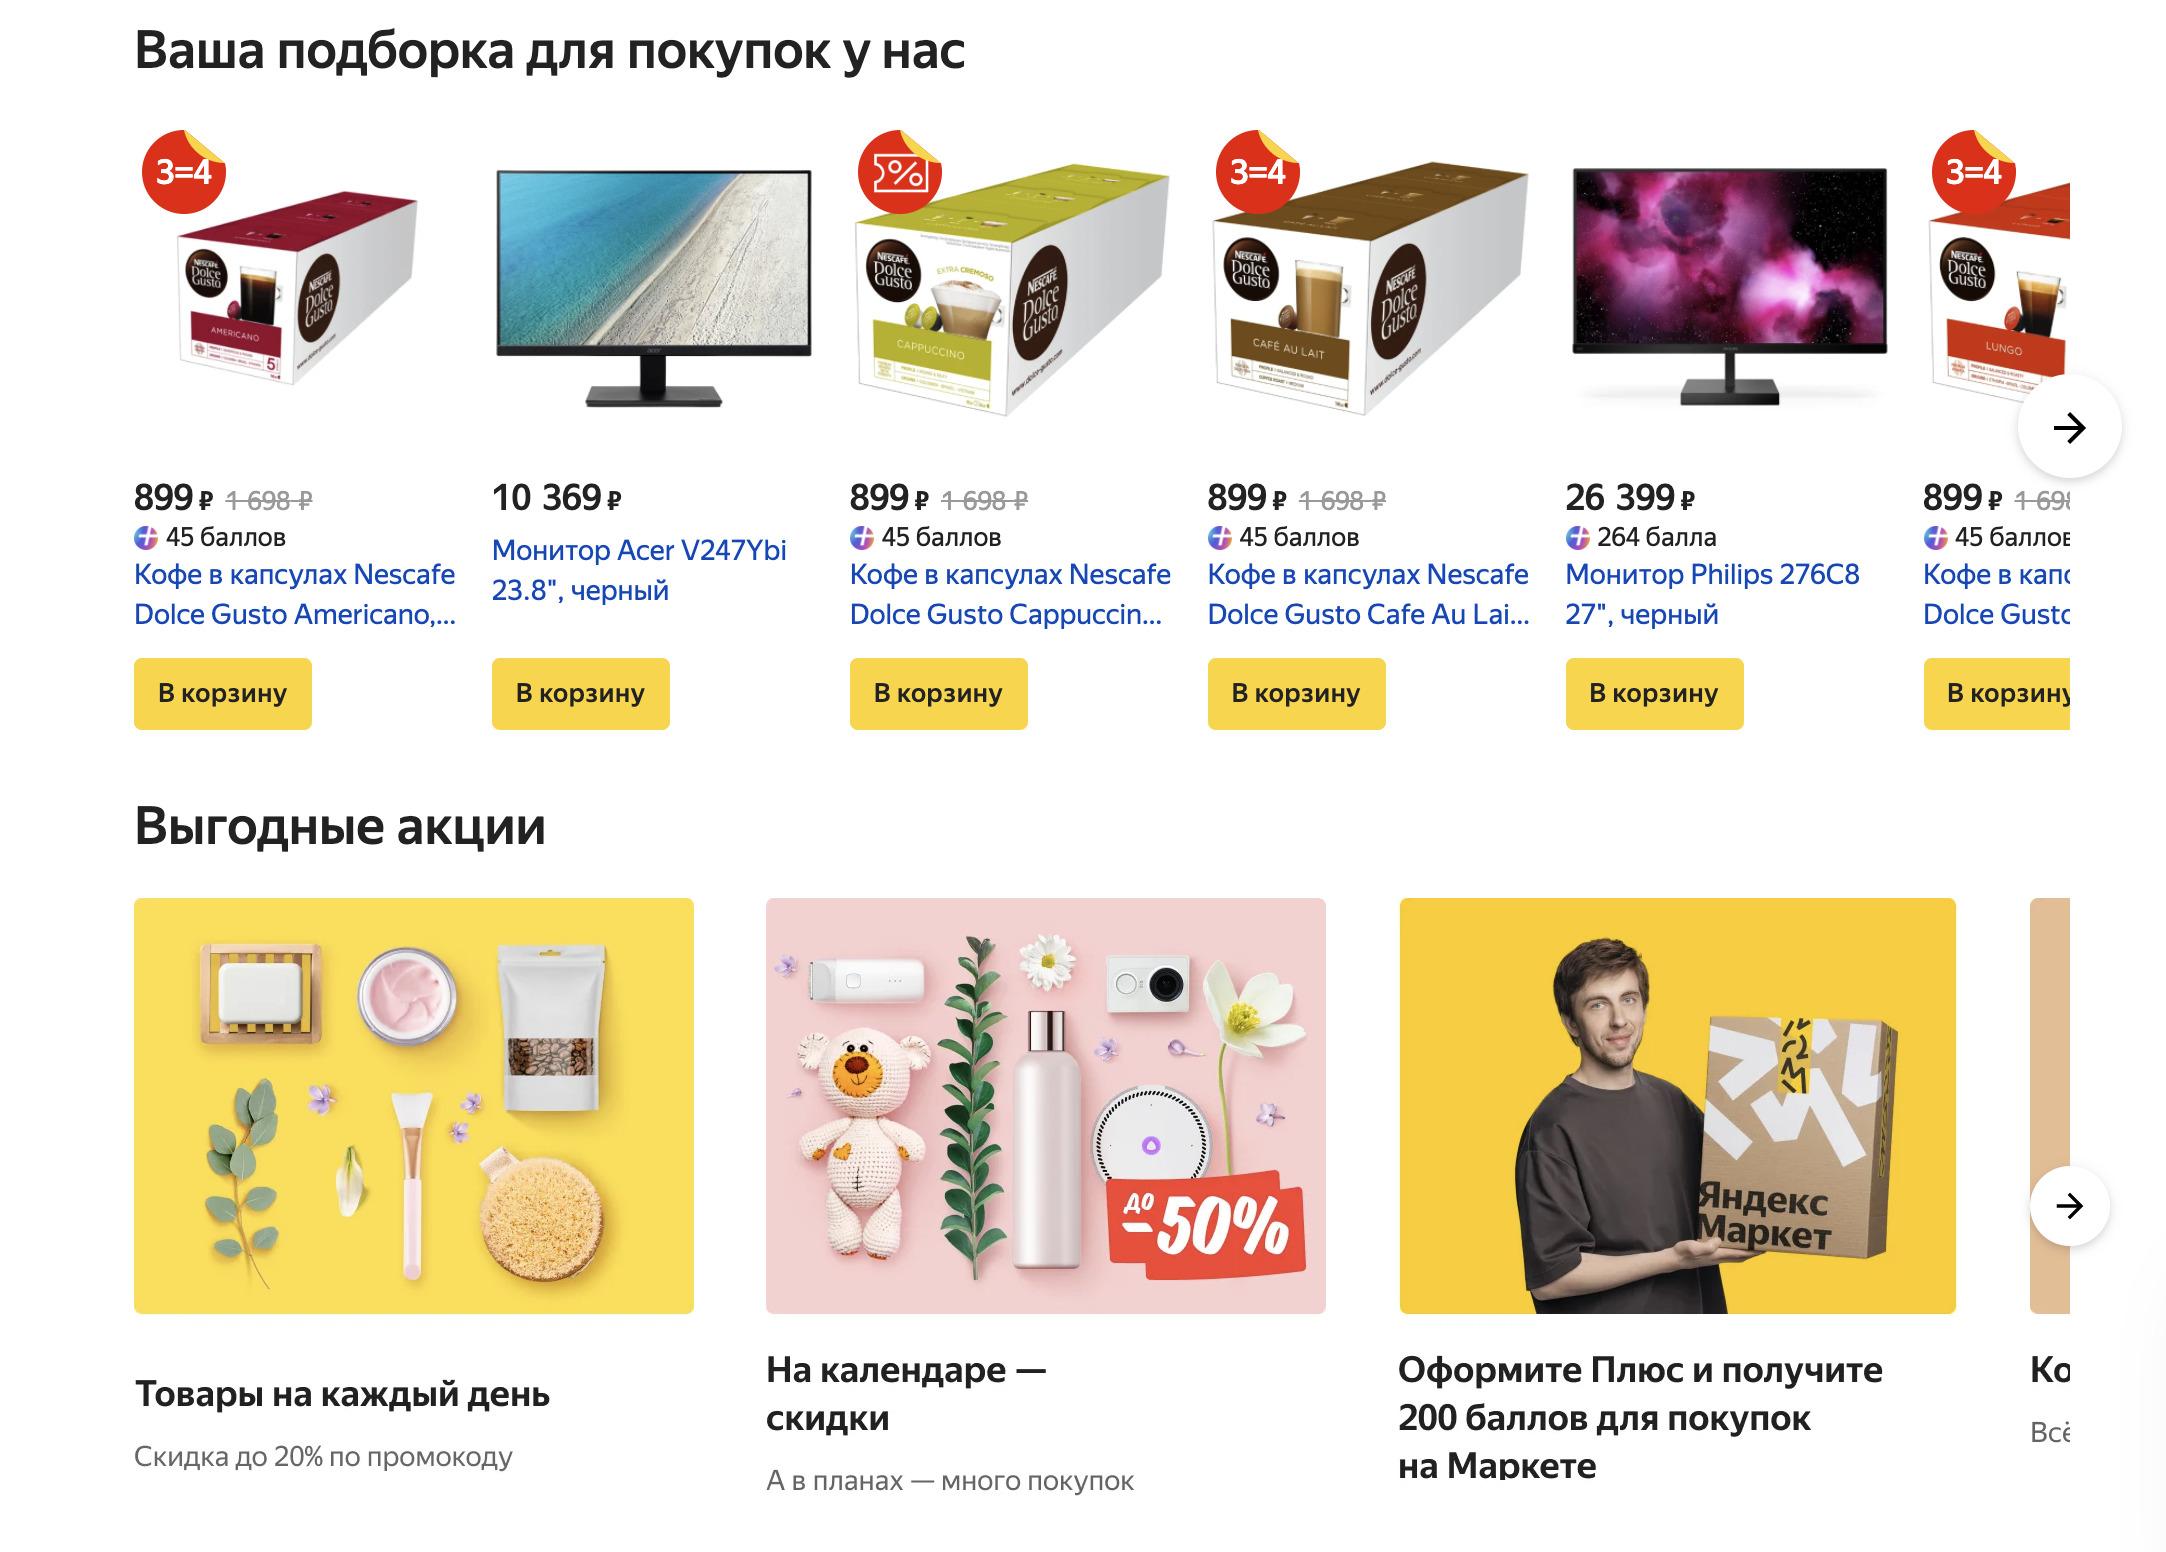 Доставка из Яндекс.Маркет в Бузулук, сроки, пункты выдачи, каталог